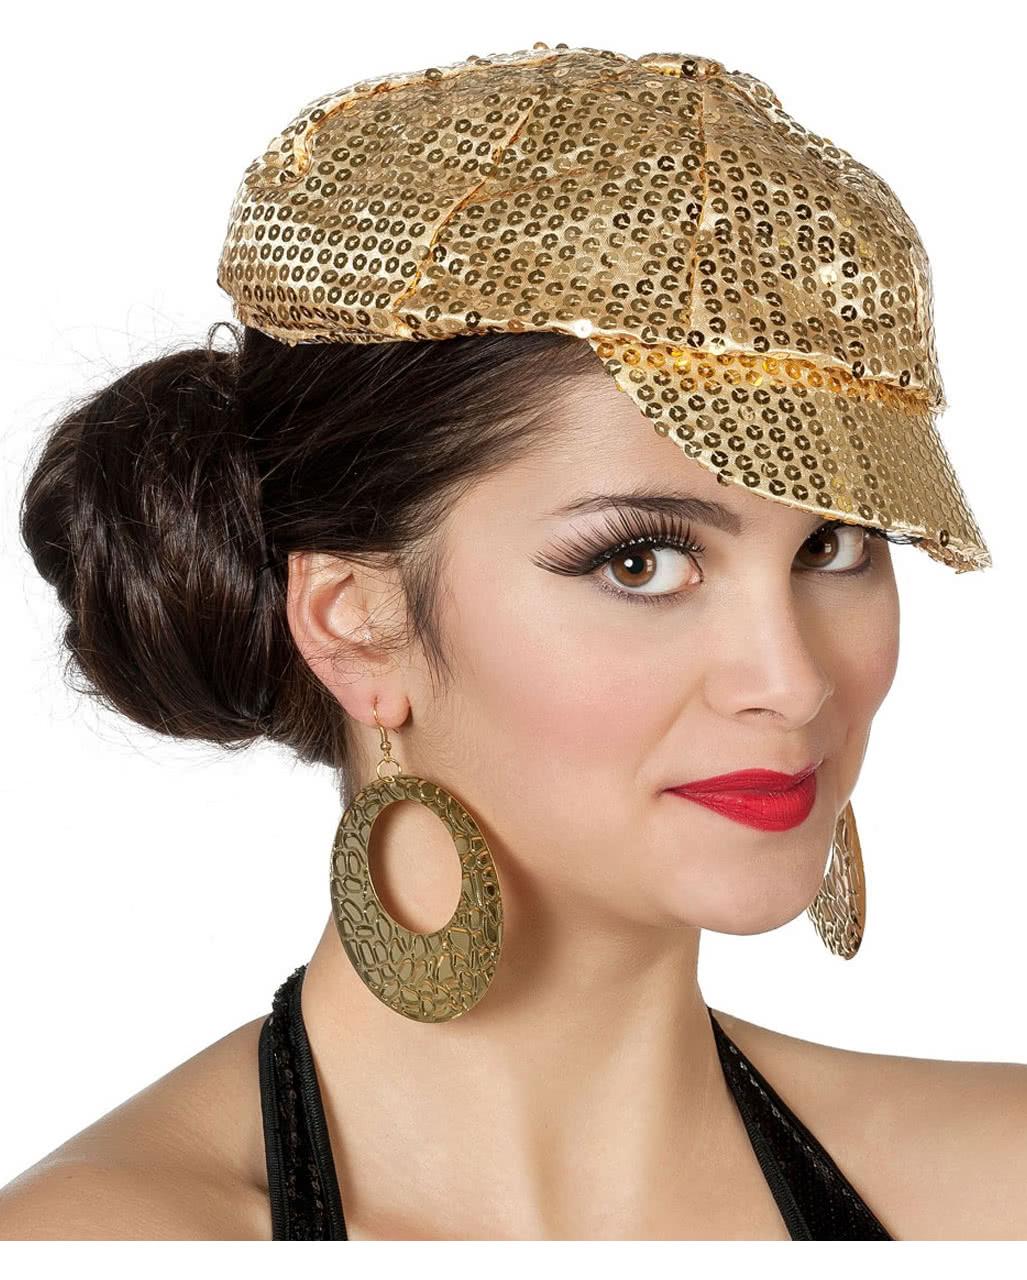 5d931c937d6b98 Sequins cap gold for carnival | horror-shop.com